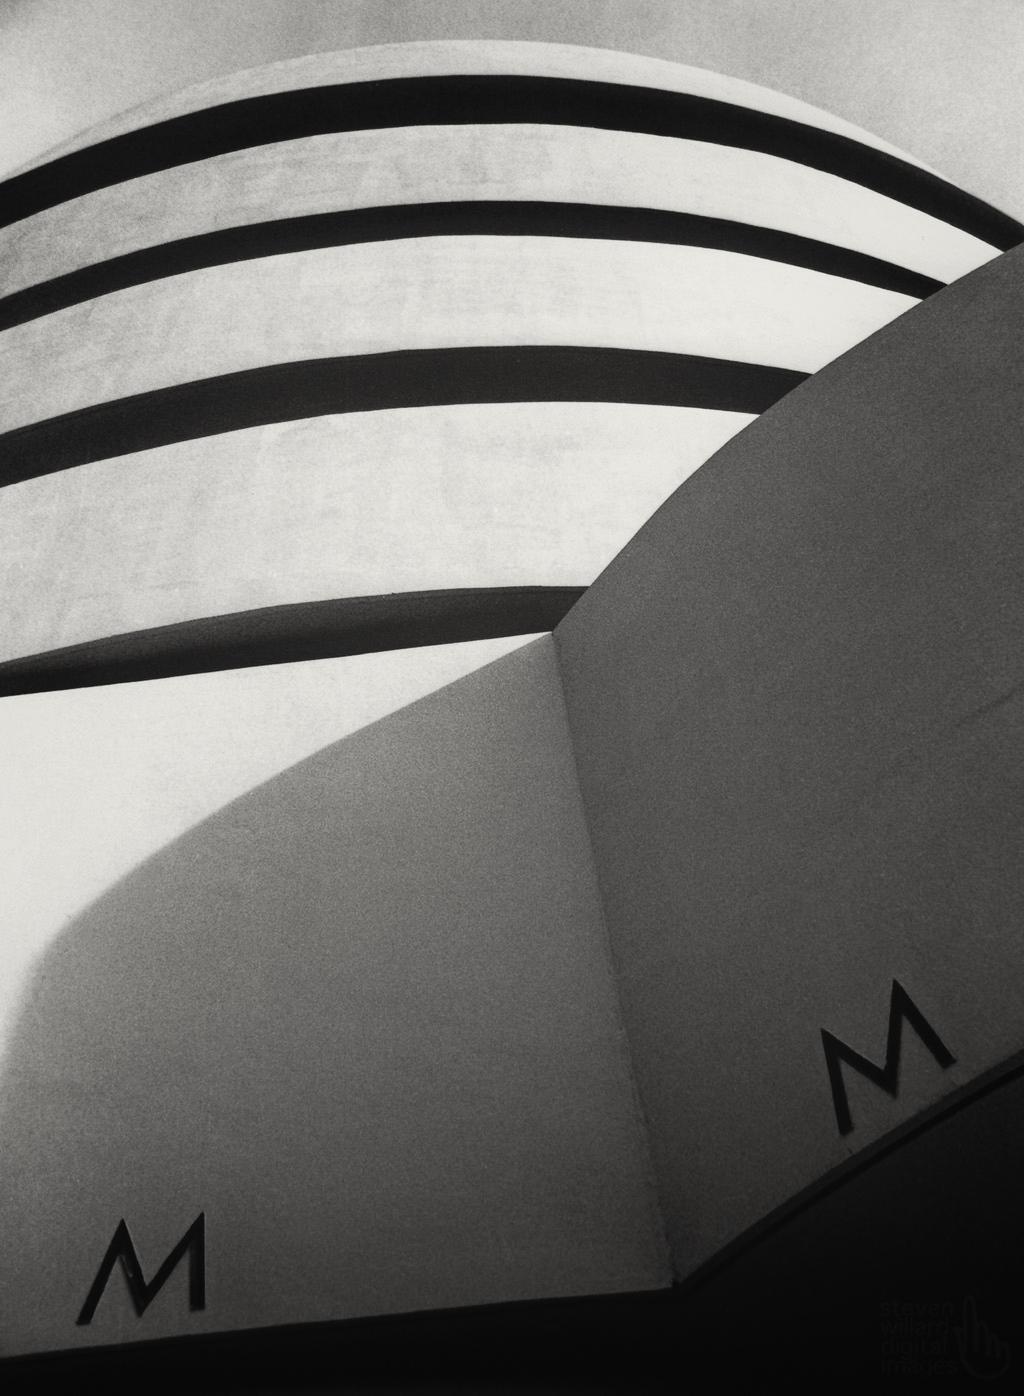 Guggenheim Museum, NYC, 1972 © Steven Willard